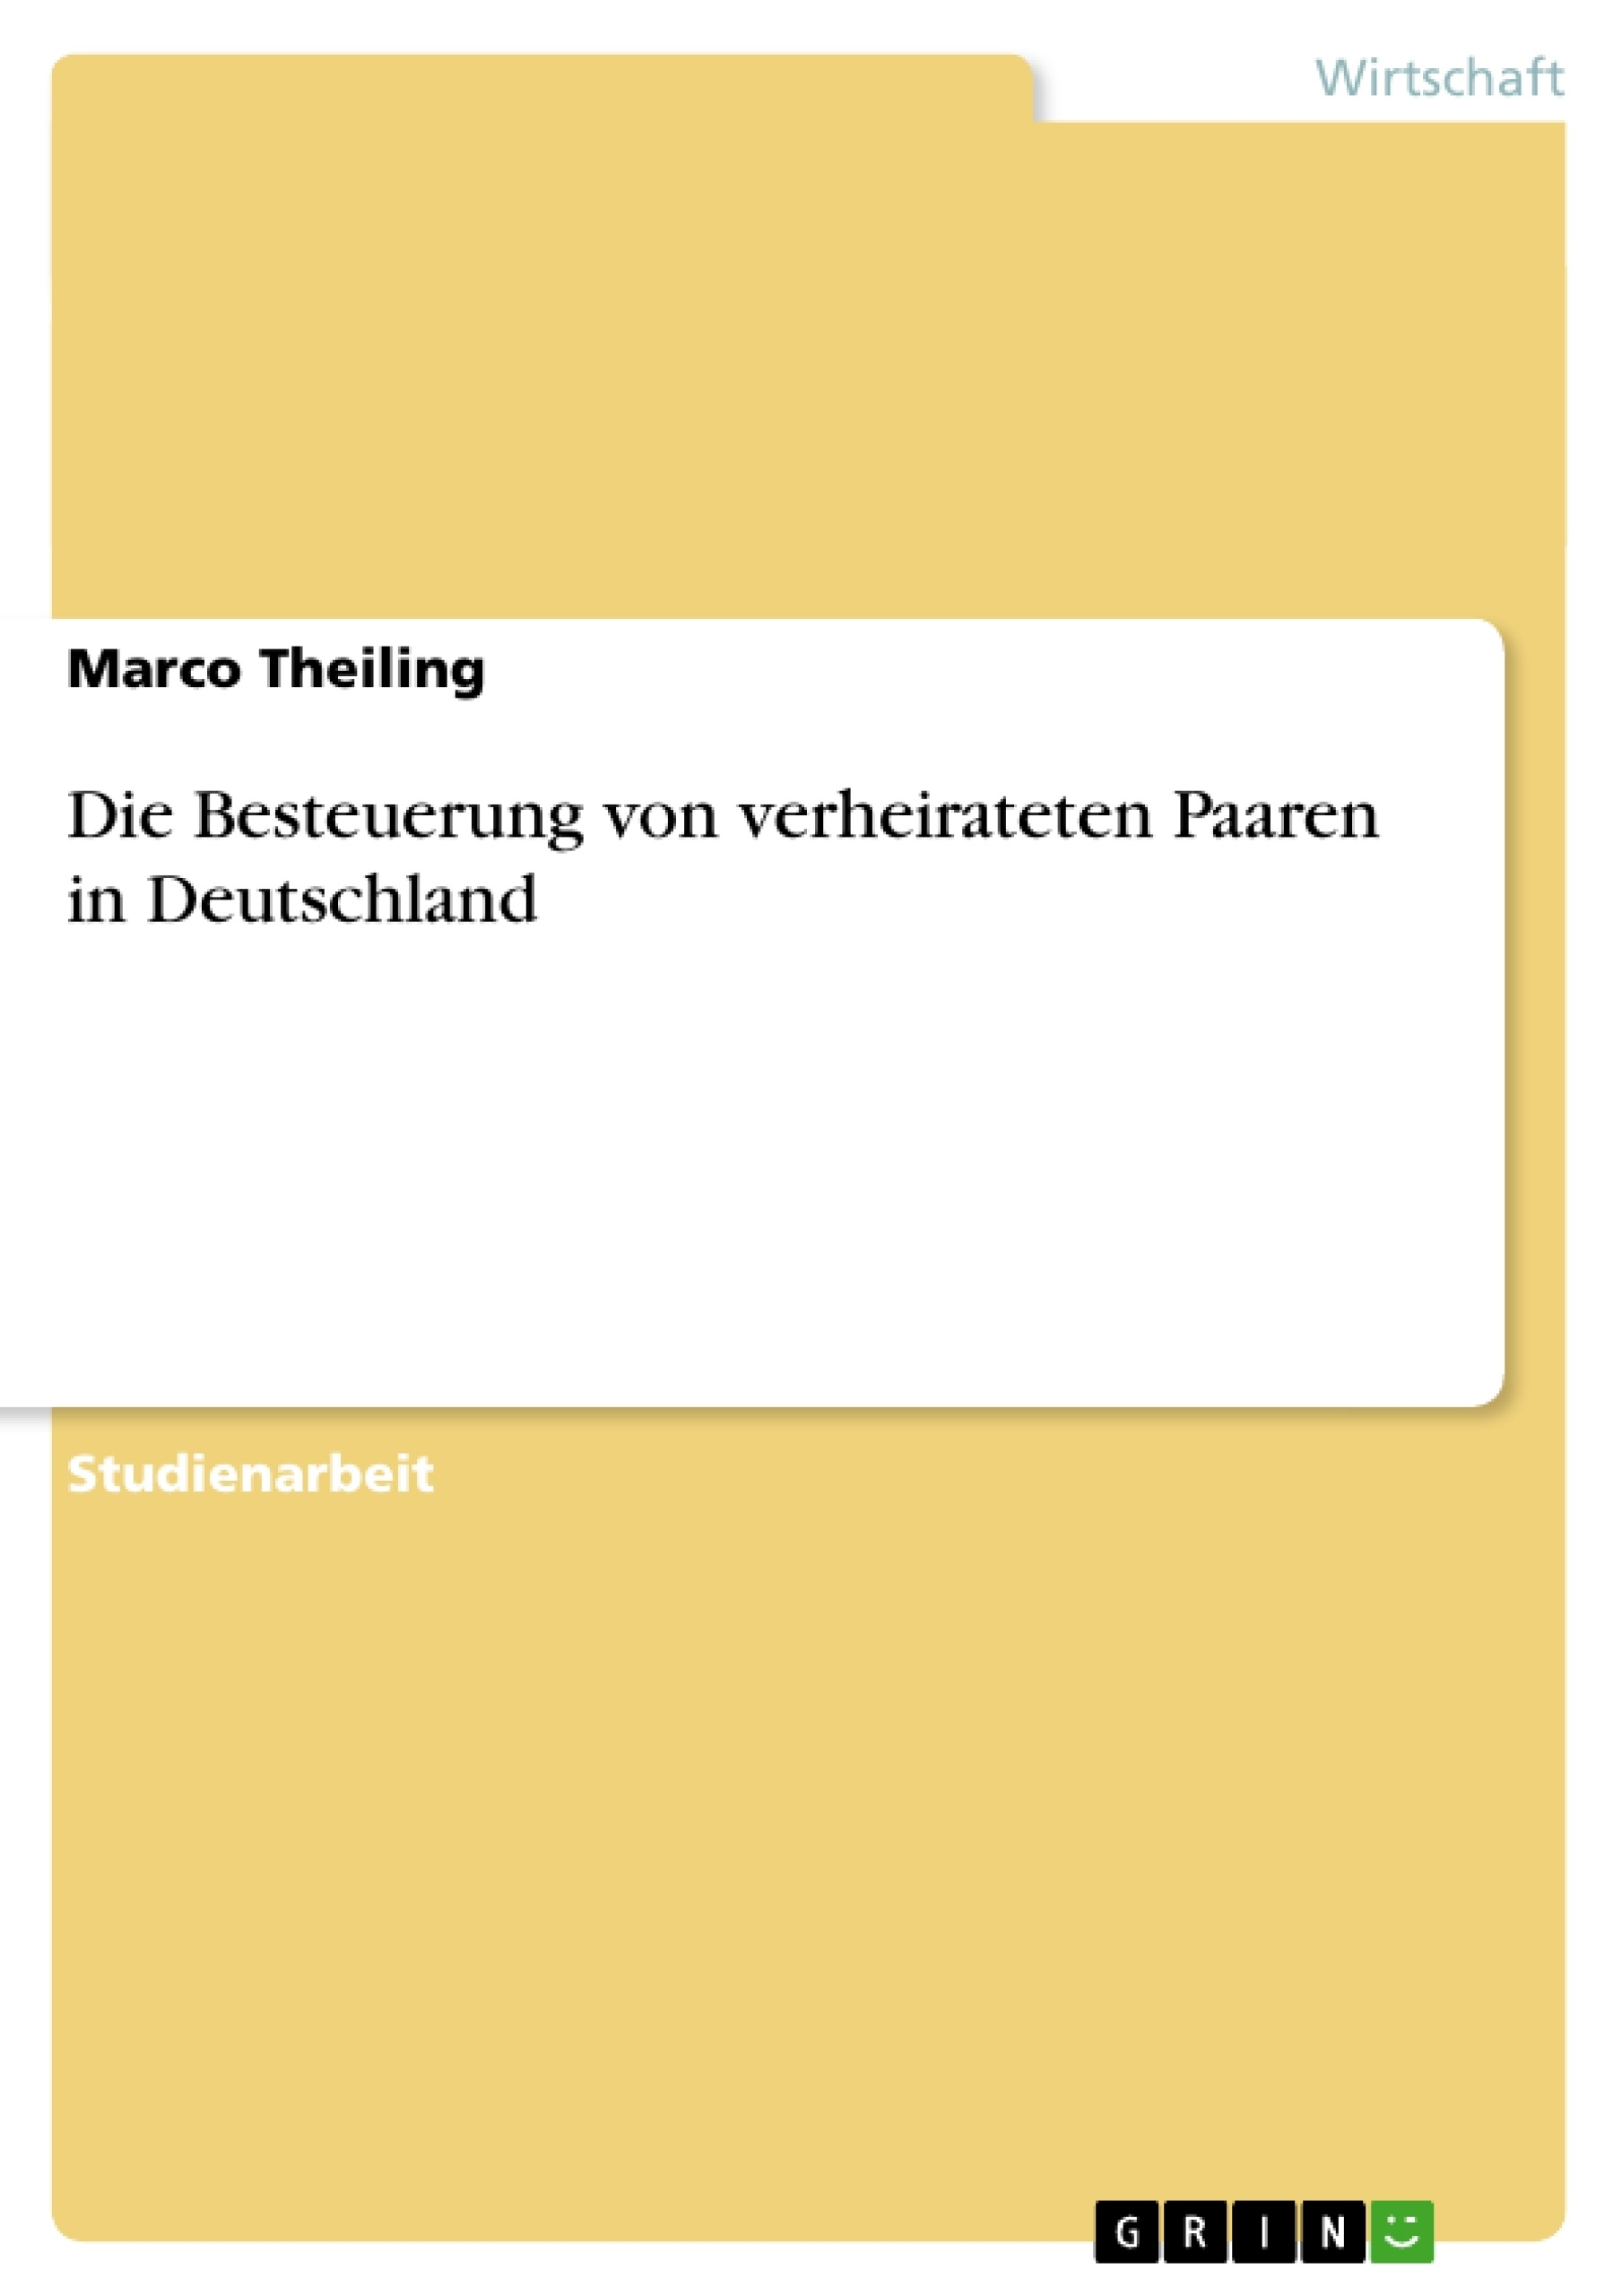 Titel: Die Besteuerung von verheirateten Paaren  in Deutschland